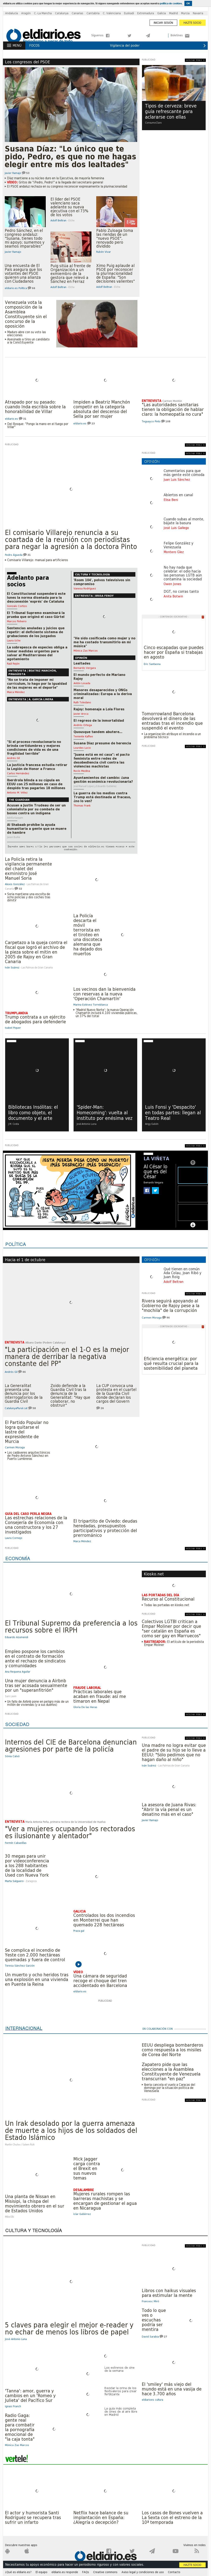 El Diario at Sunday July 30, 2017, 9:03 p.m. UTC